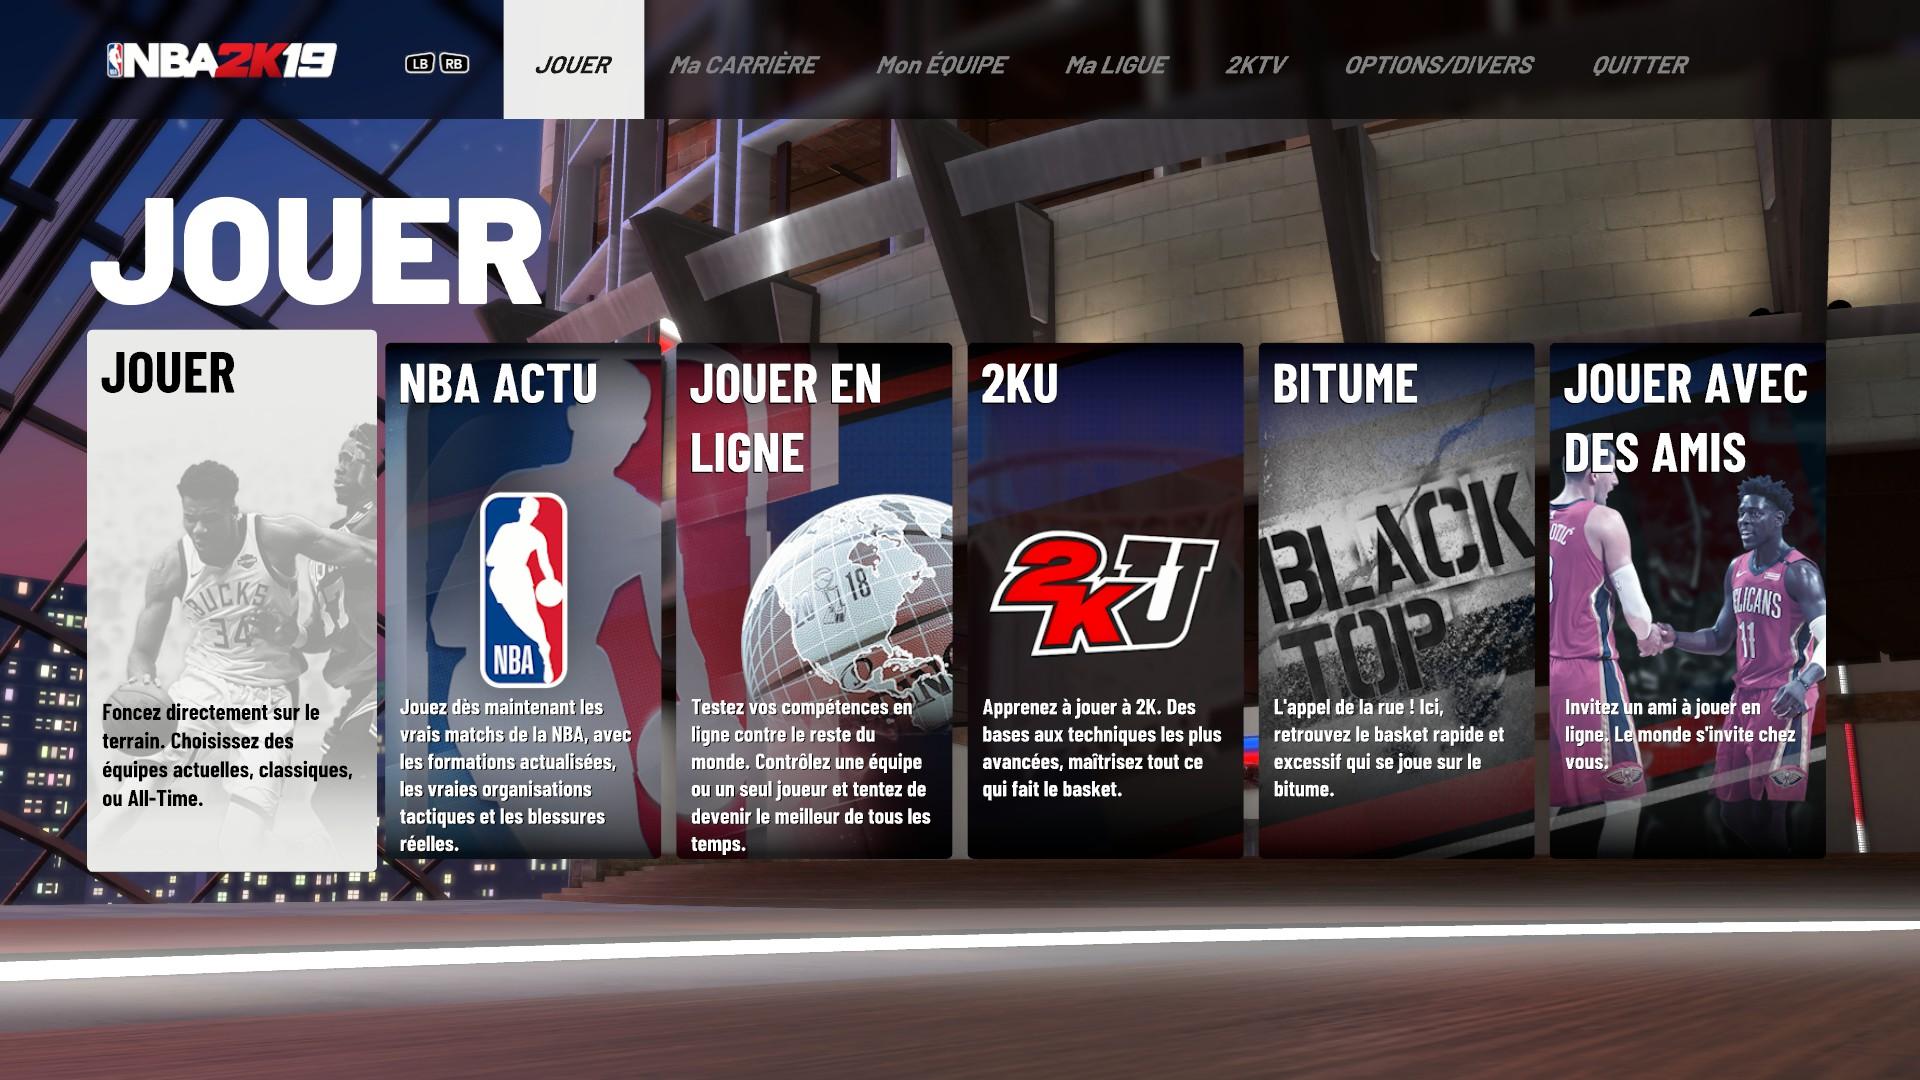 20180916162839 1 - [ TEST ] NBA 2K19 (PC, PS4, Xbox One, Switch) : encore une référence